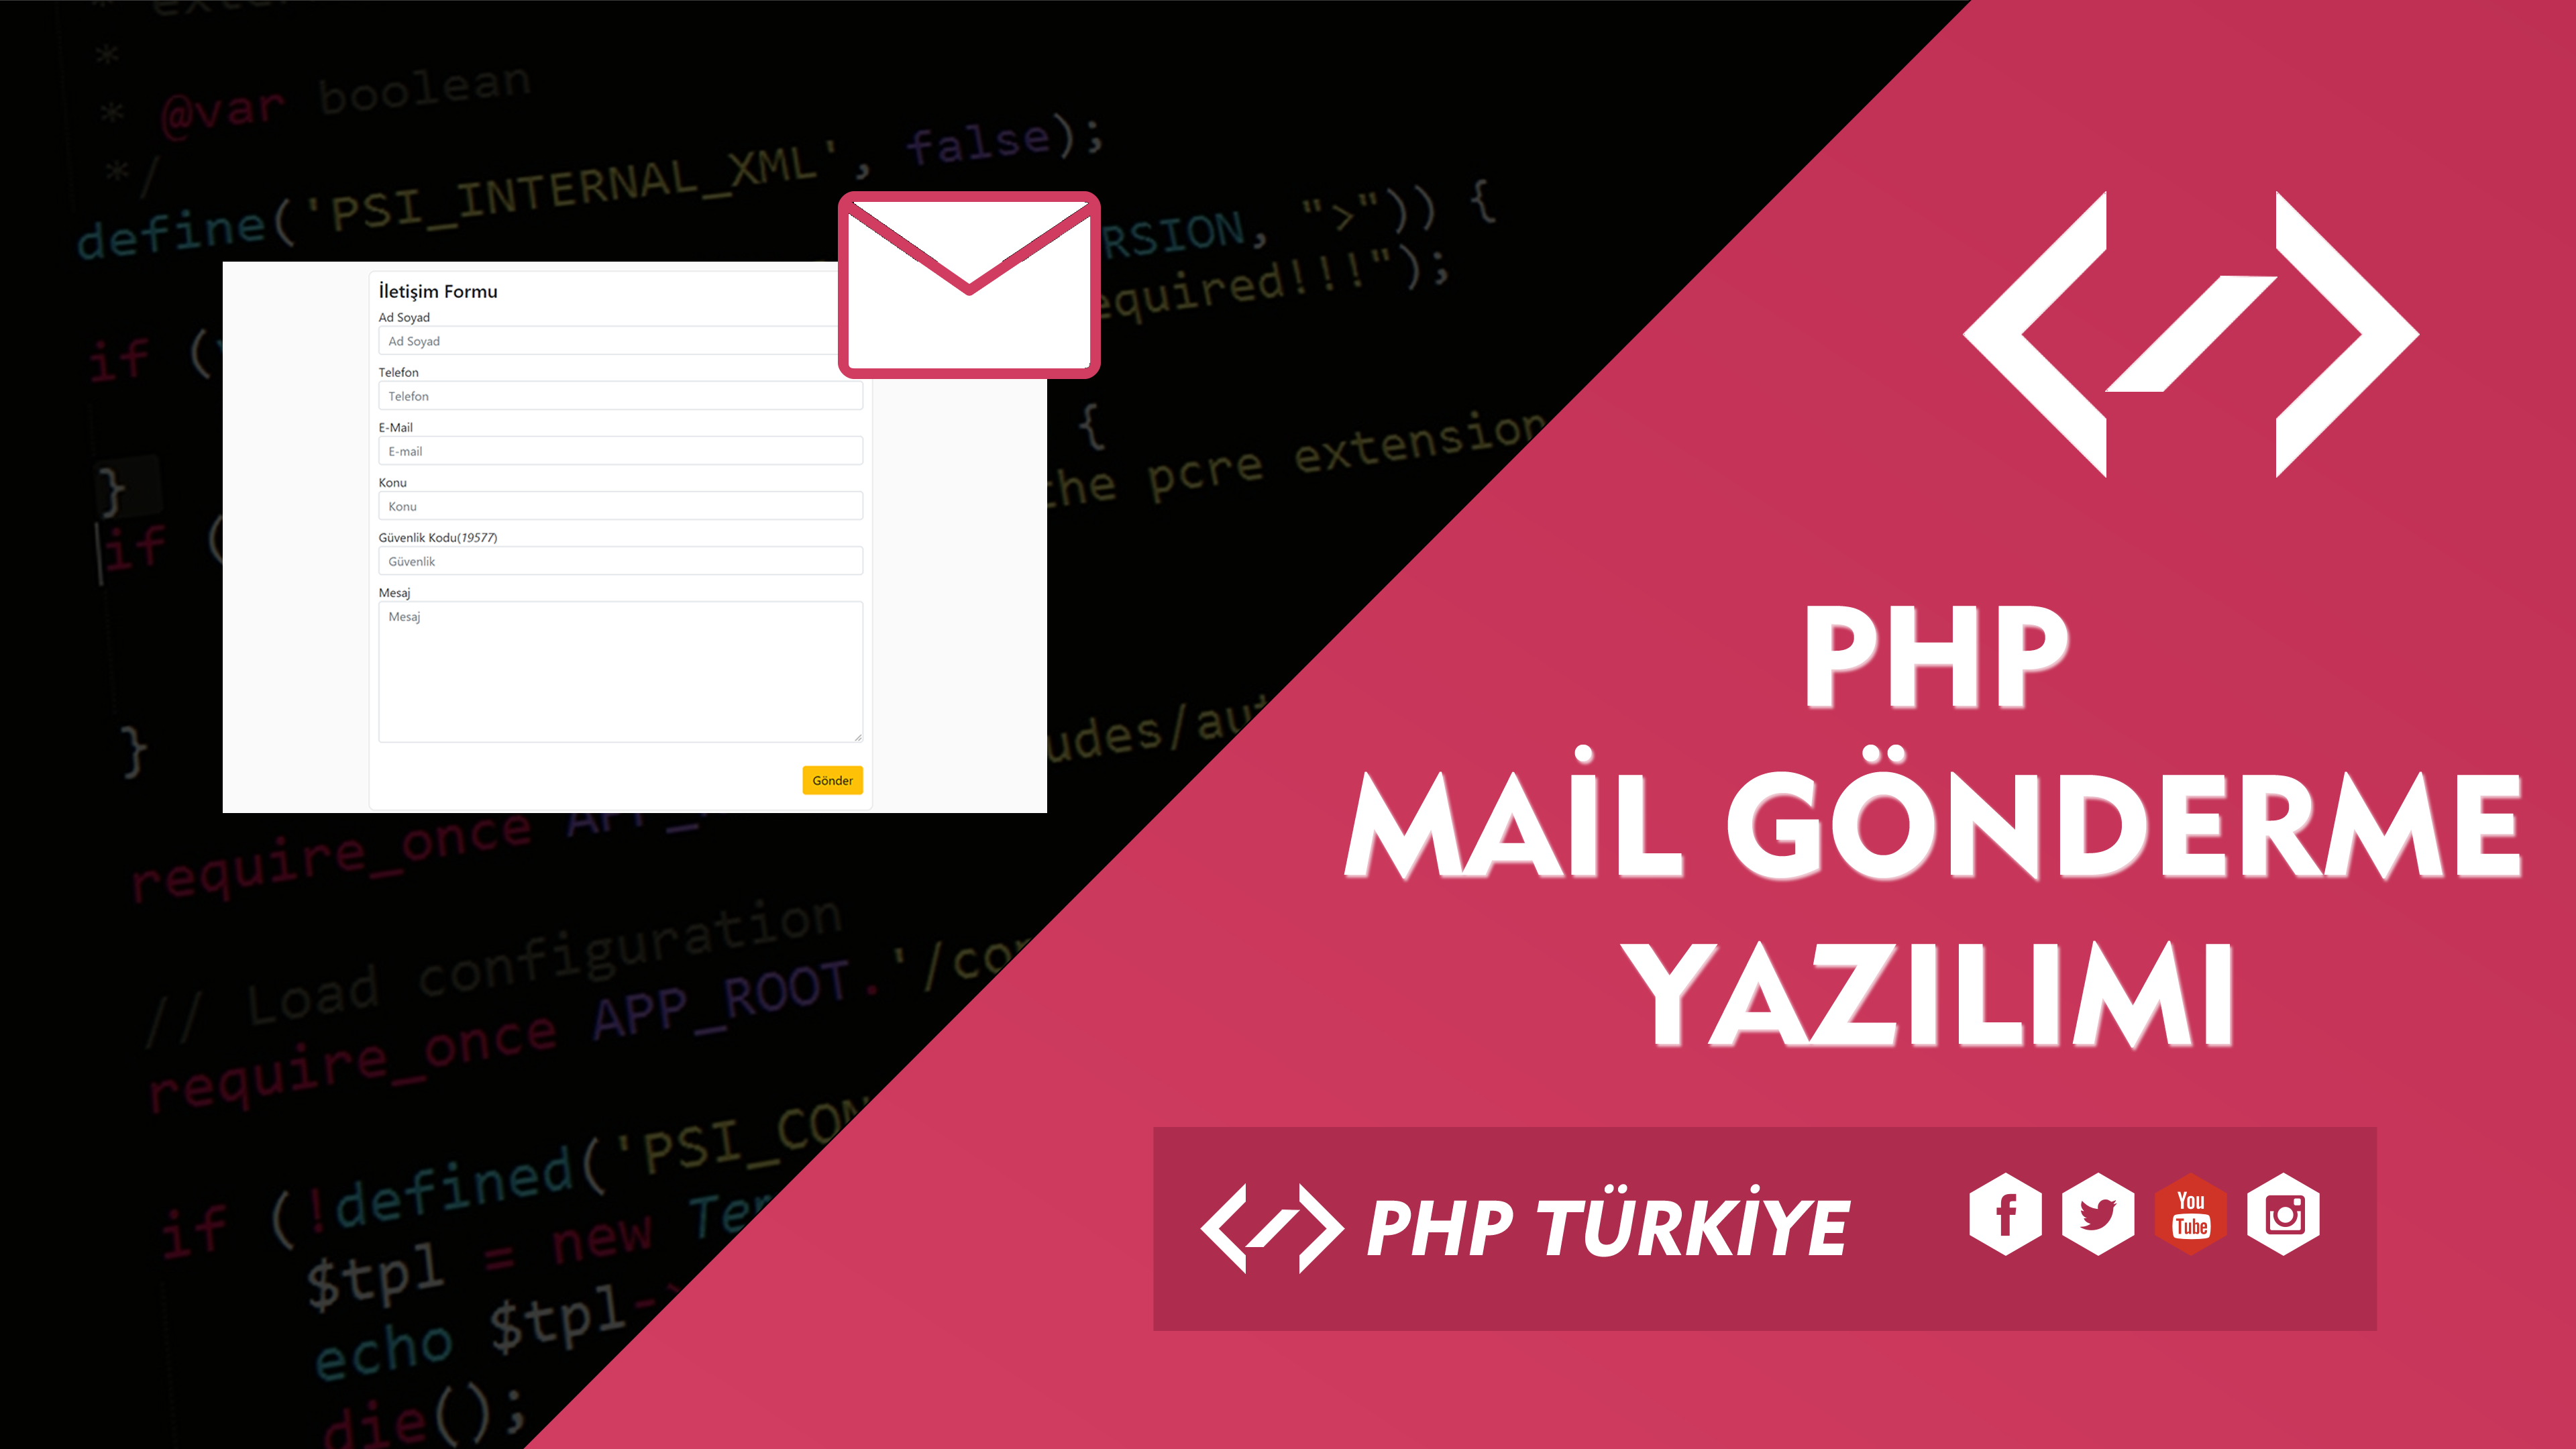 PHP İle Mail Gönderme Yazılımı